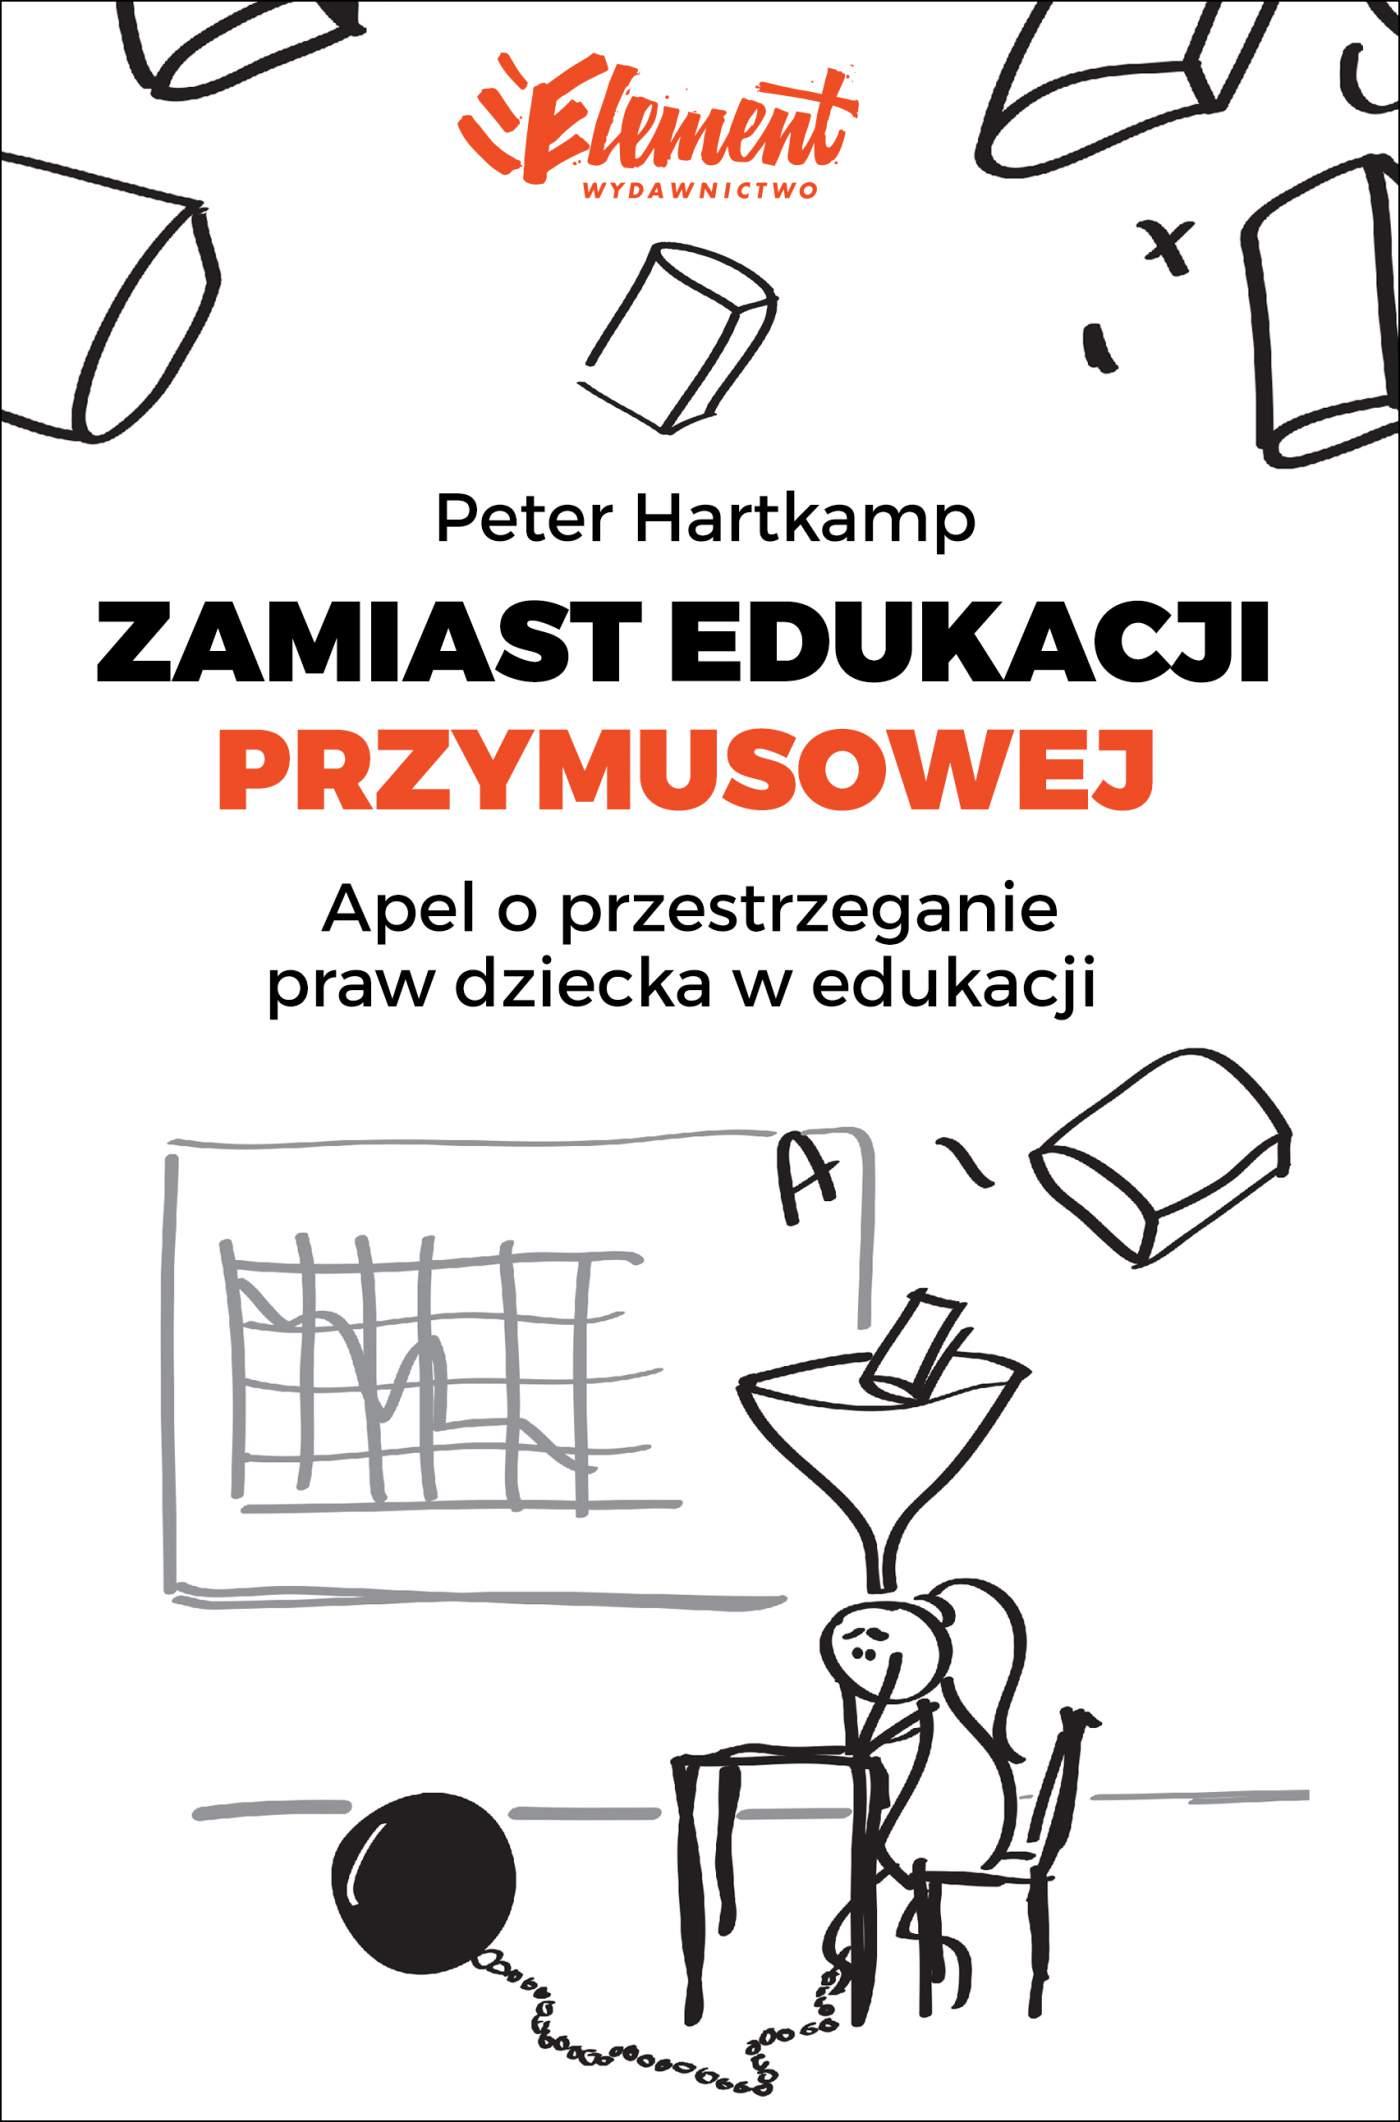 Zamiast edukacji przymusowej - Ebook (Książka EPUB) do pobrania w formacie EPUB